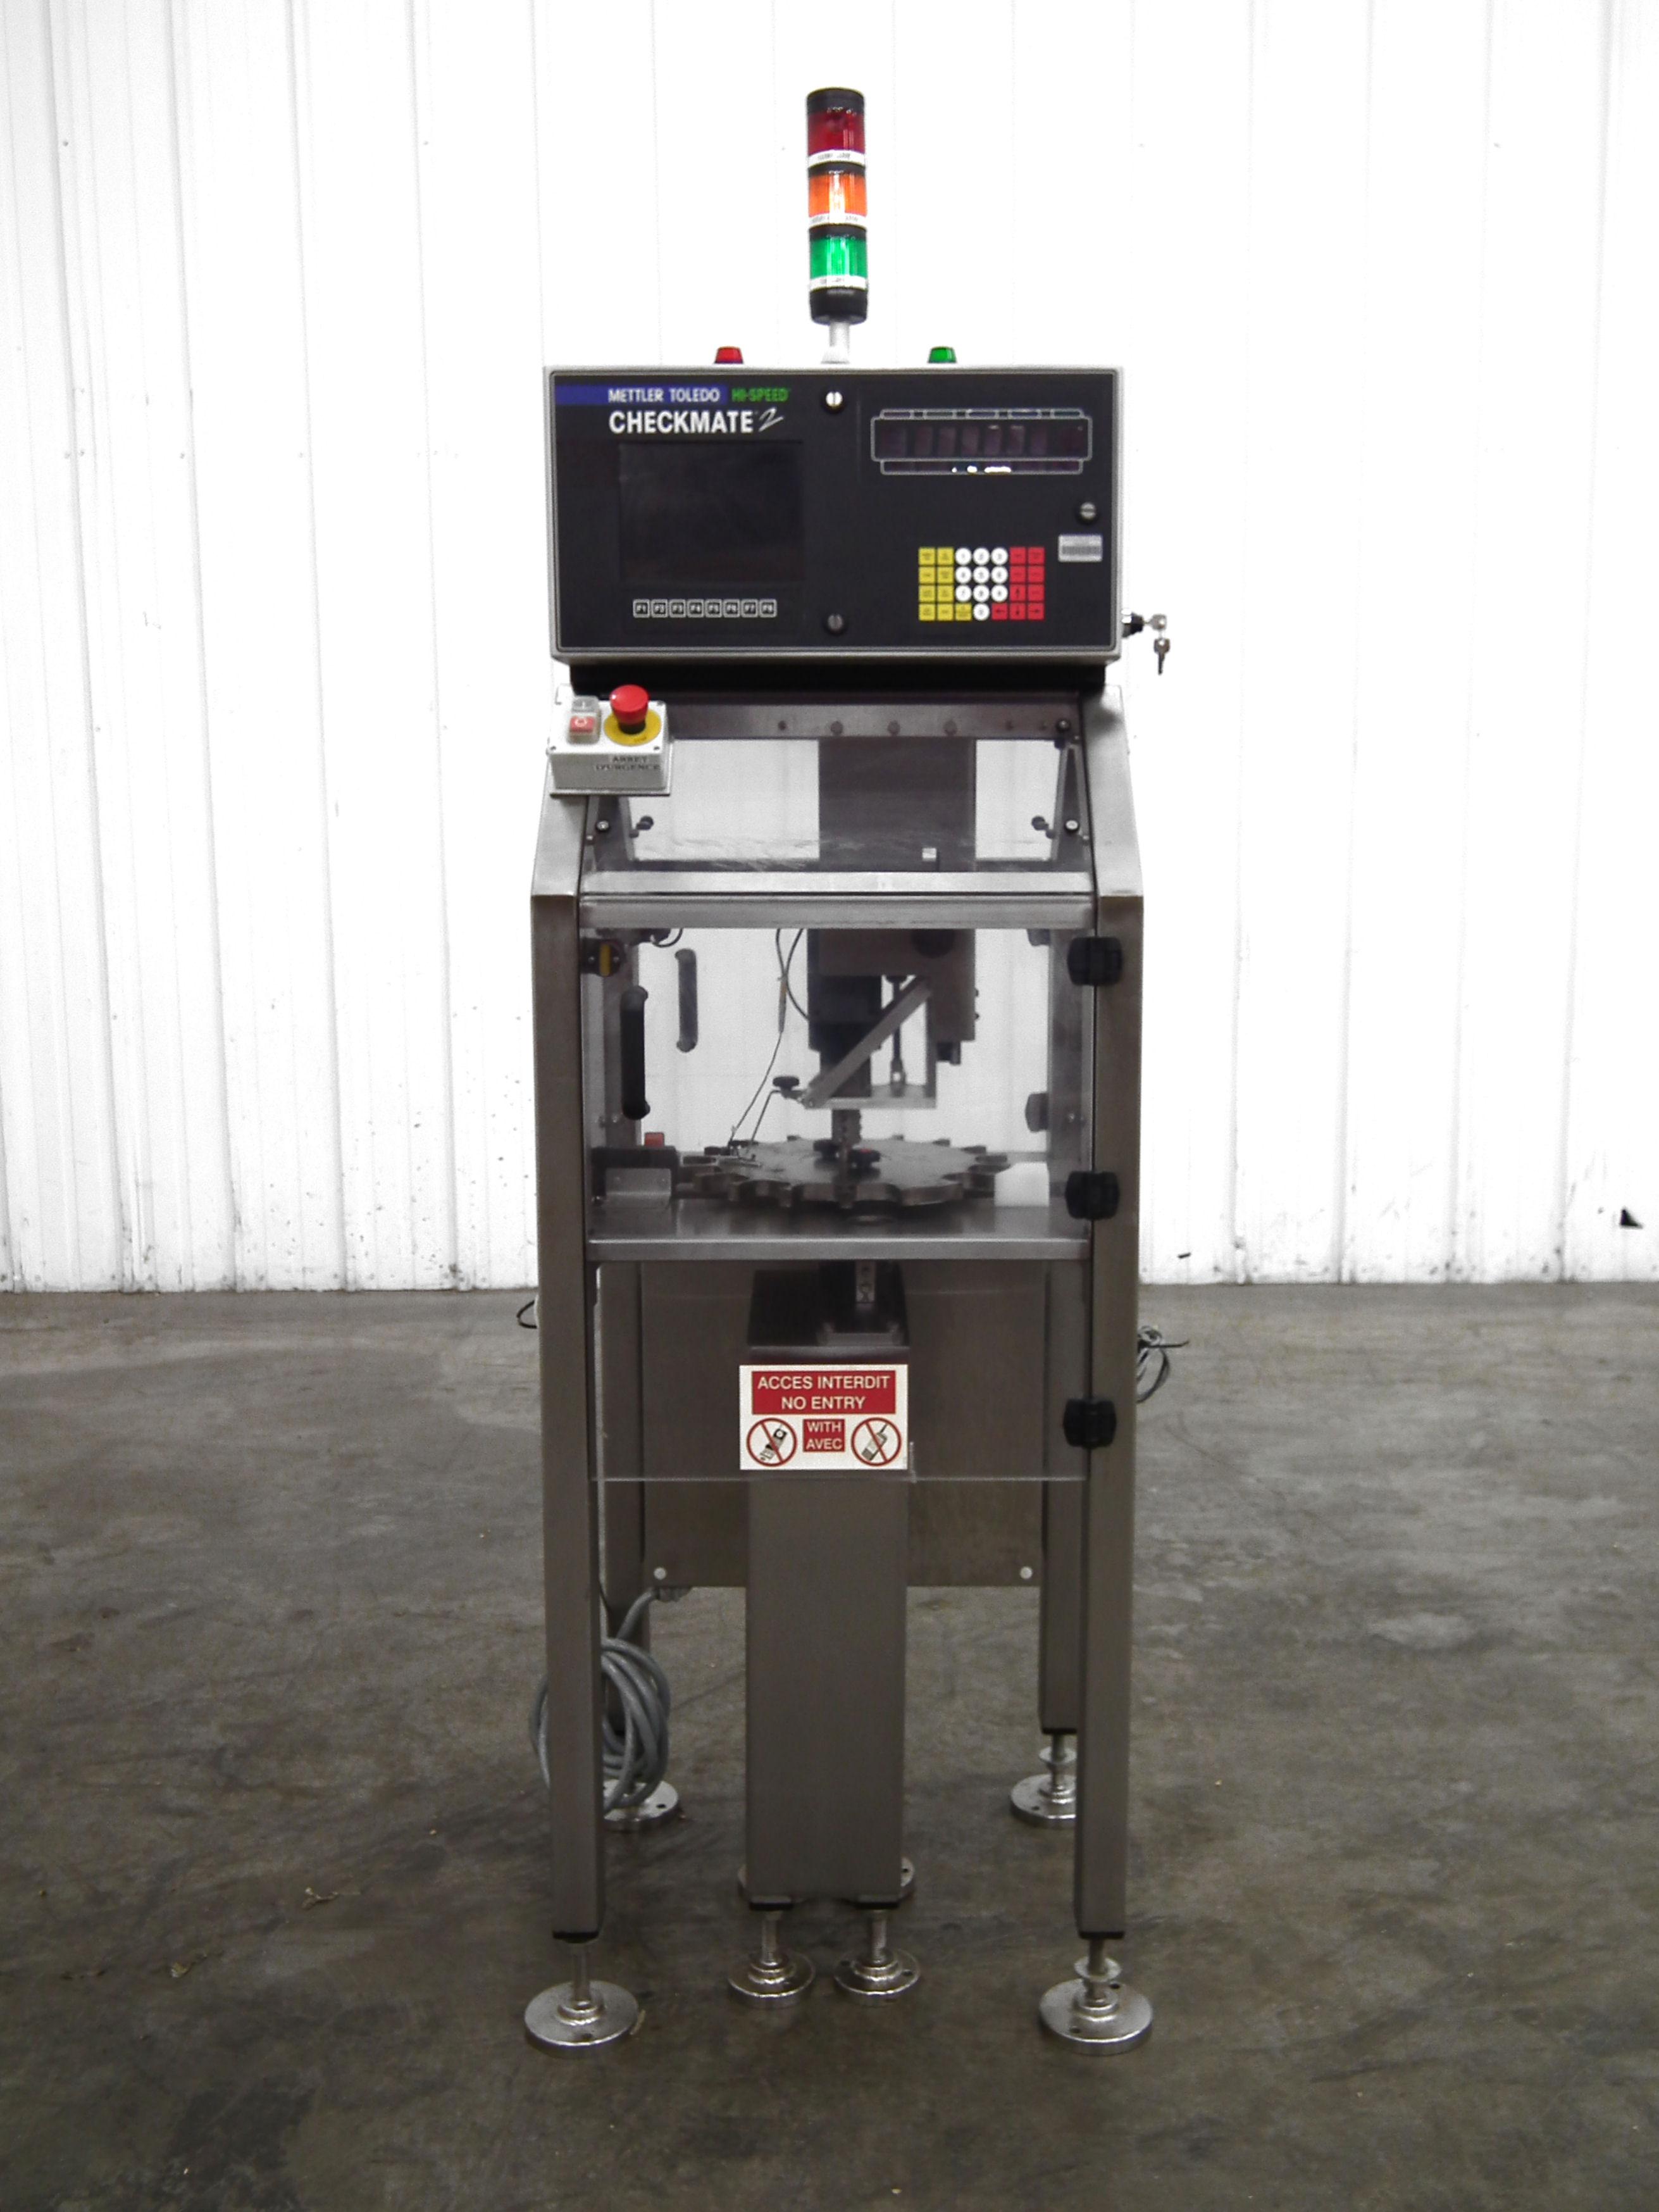 Mettler-Toledo Checkmate 2 Bottle Fill Detector B3171 - Image 2 of 10